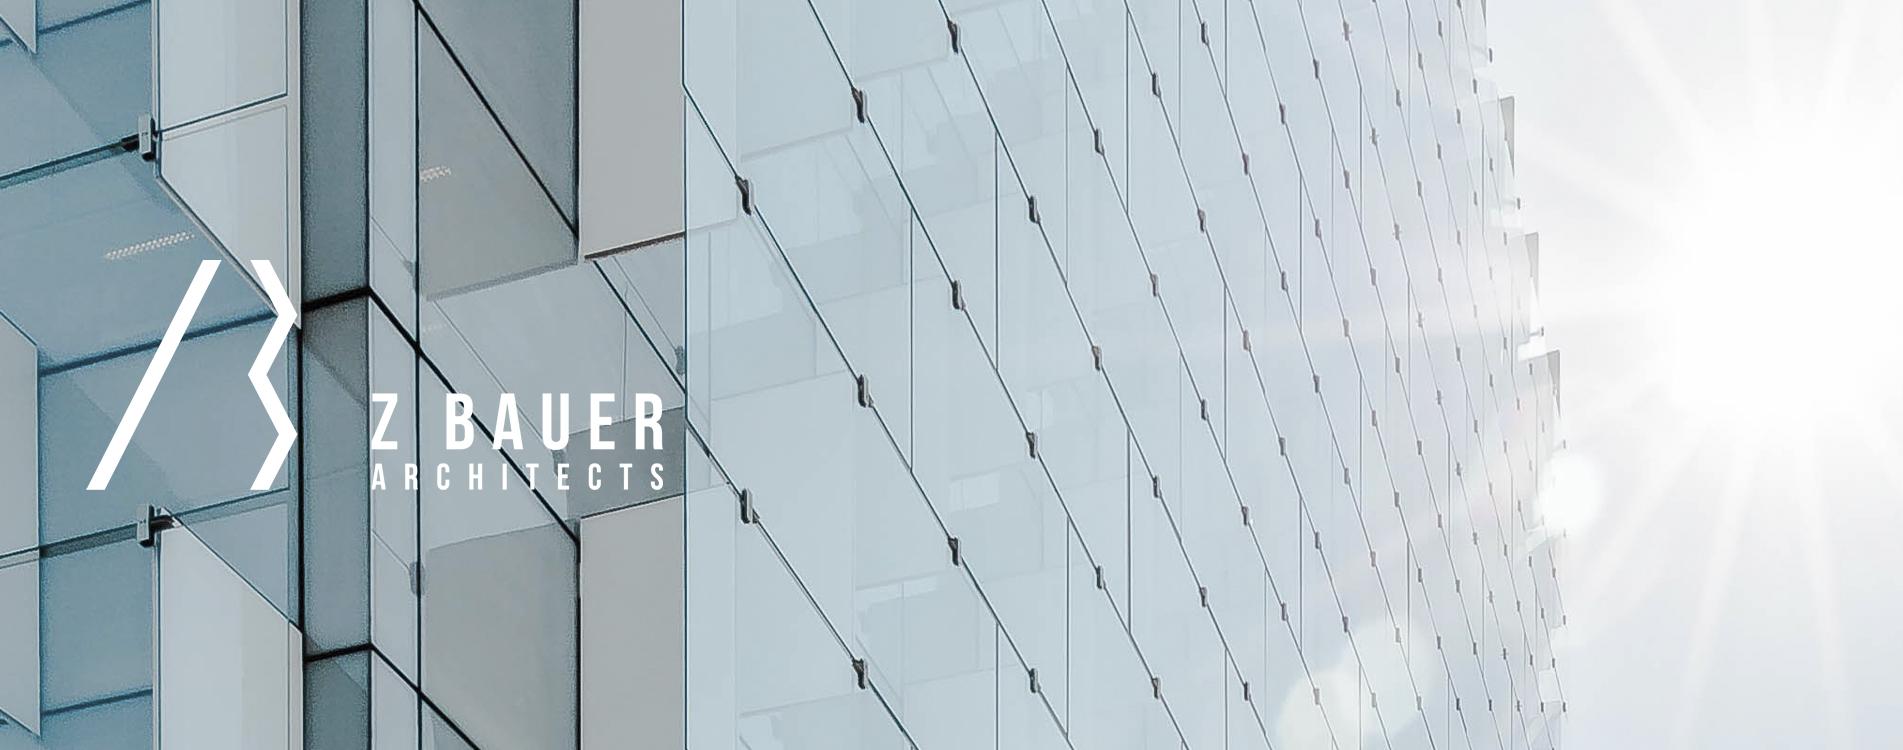 Z Bauer Architects Architect Place Brand 3 copy